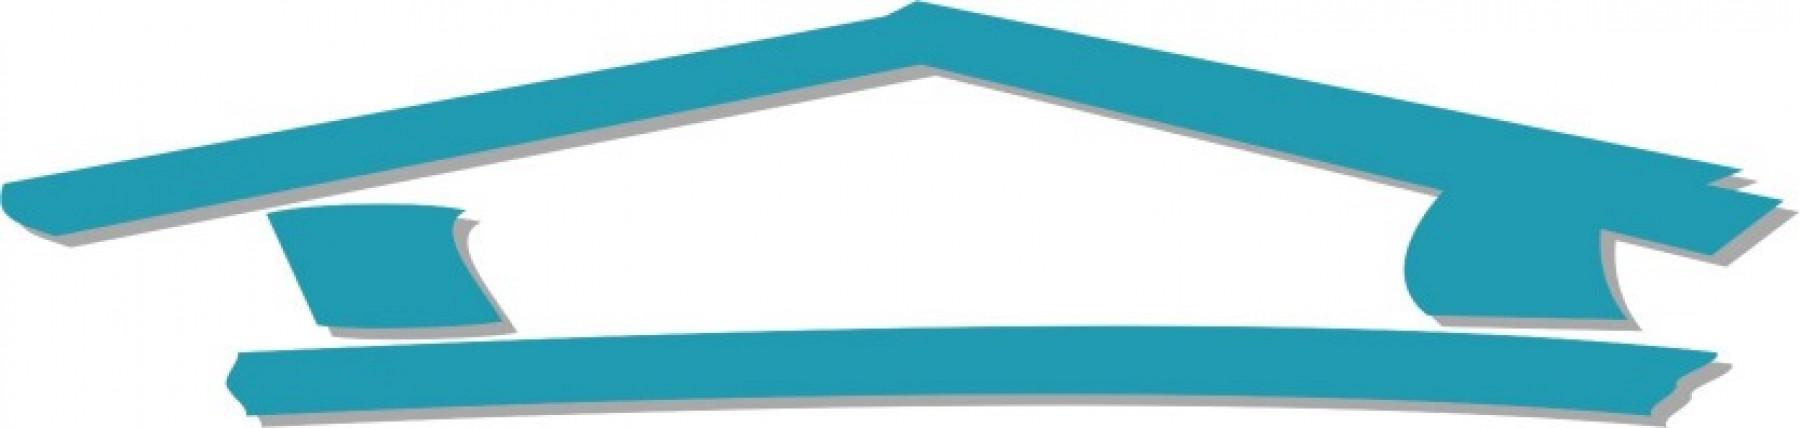 Bild Logo von: KOWALSKI HAUS